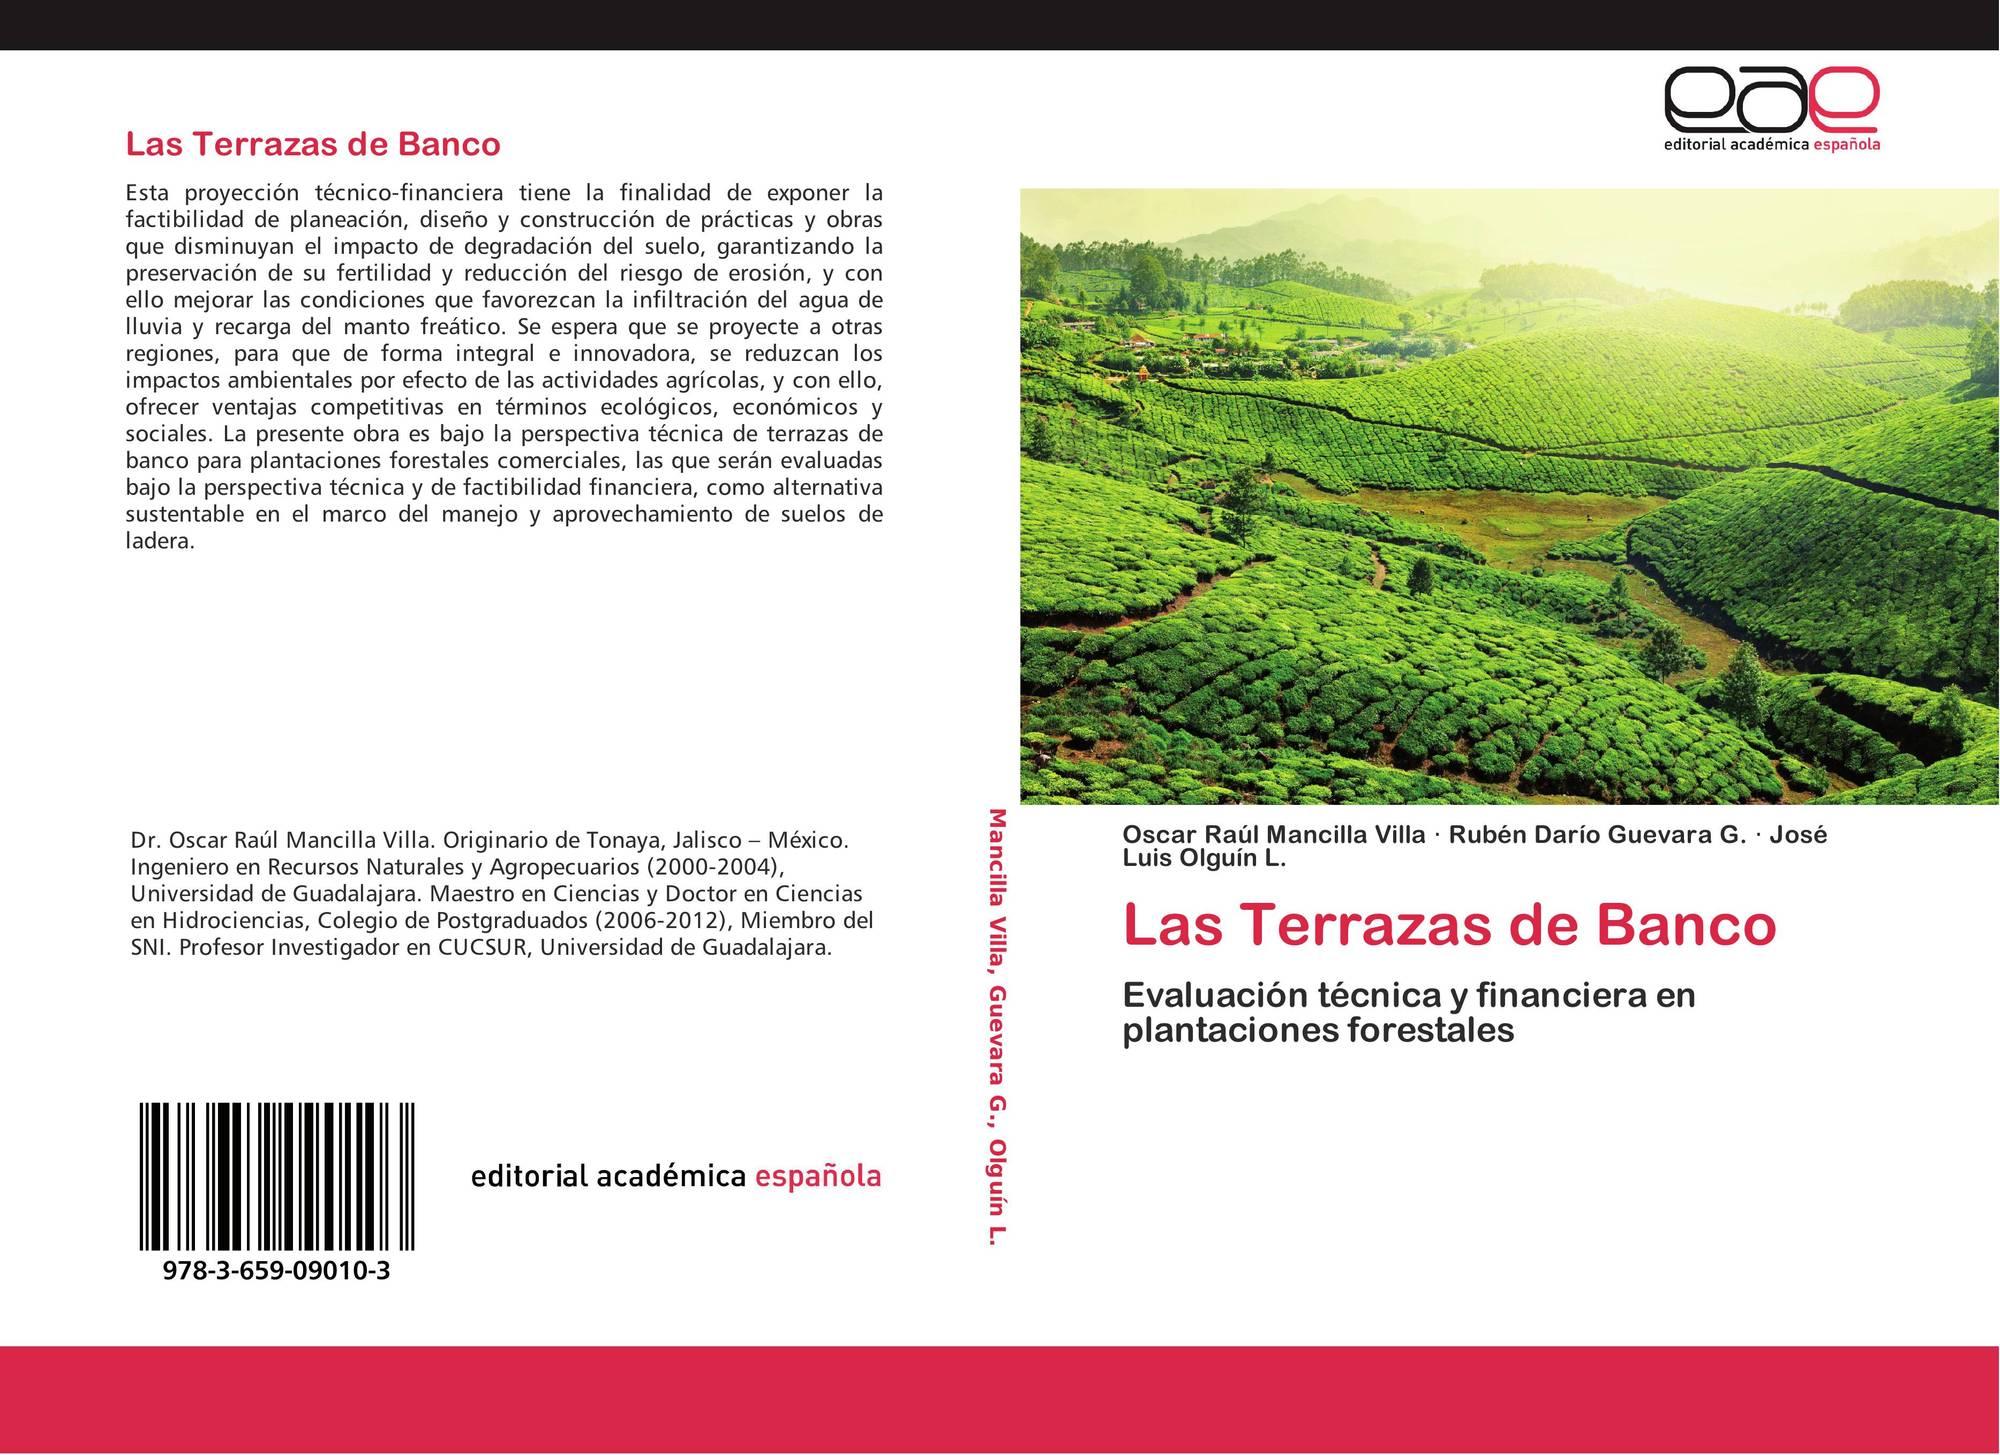 Las Terrazas De Banco 978 3 659 09010 3 3659090107